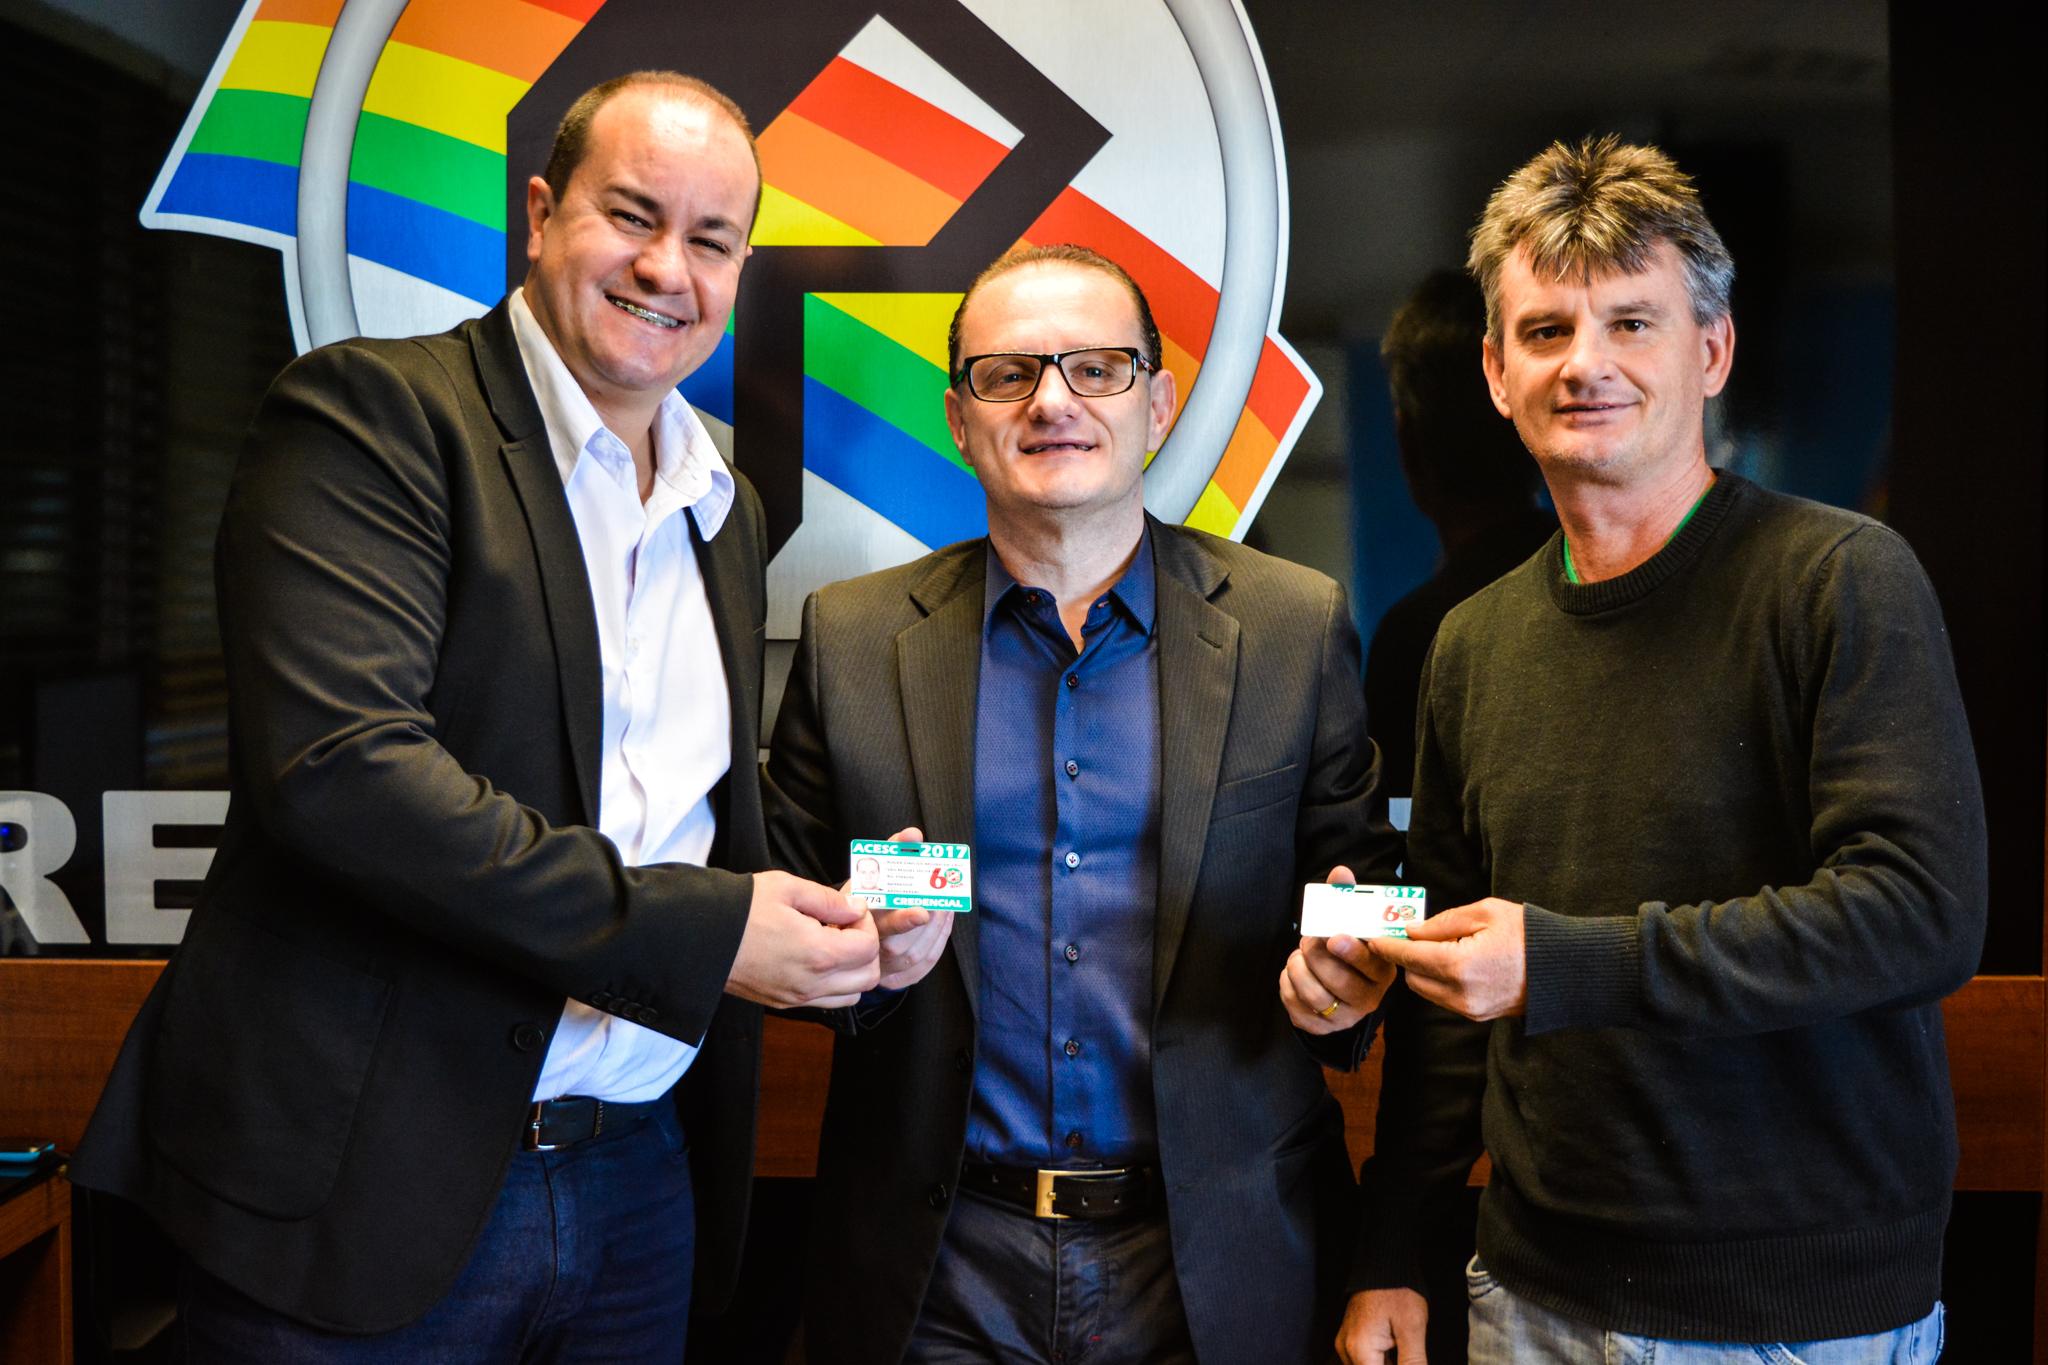 Equipe da Peperi recebe credenciais para transmissões de campeonatos nacionais